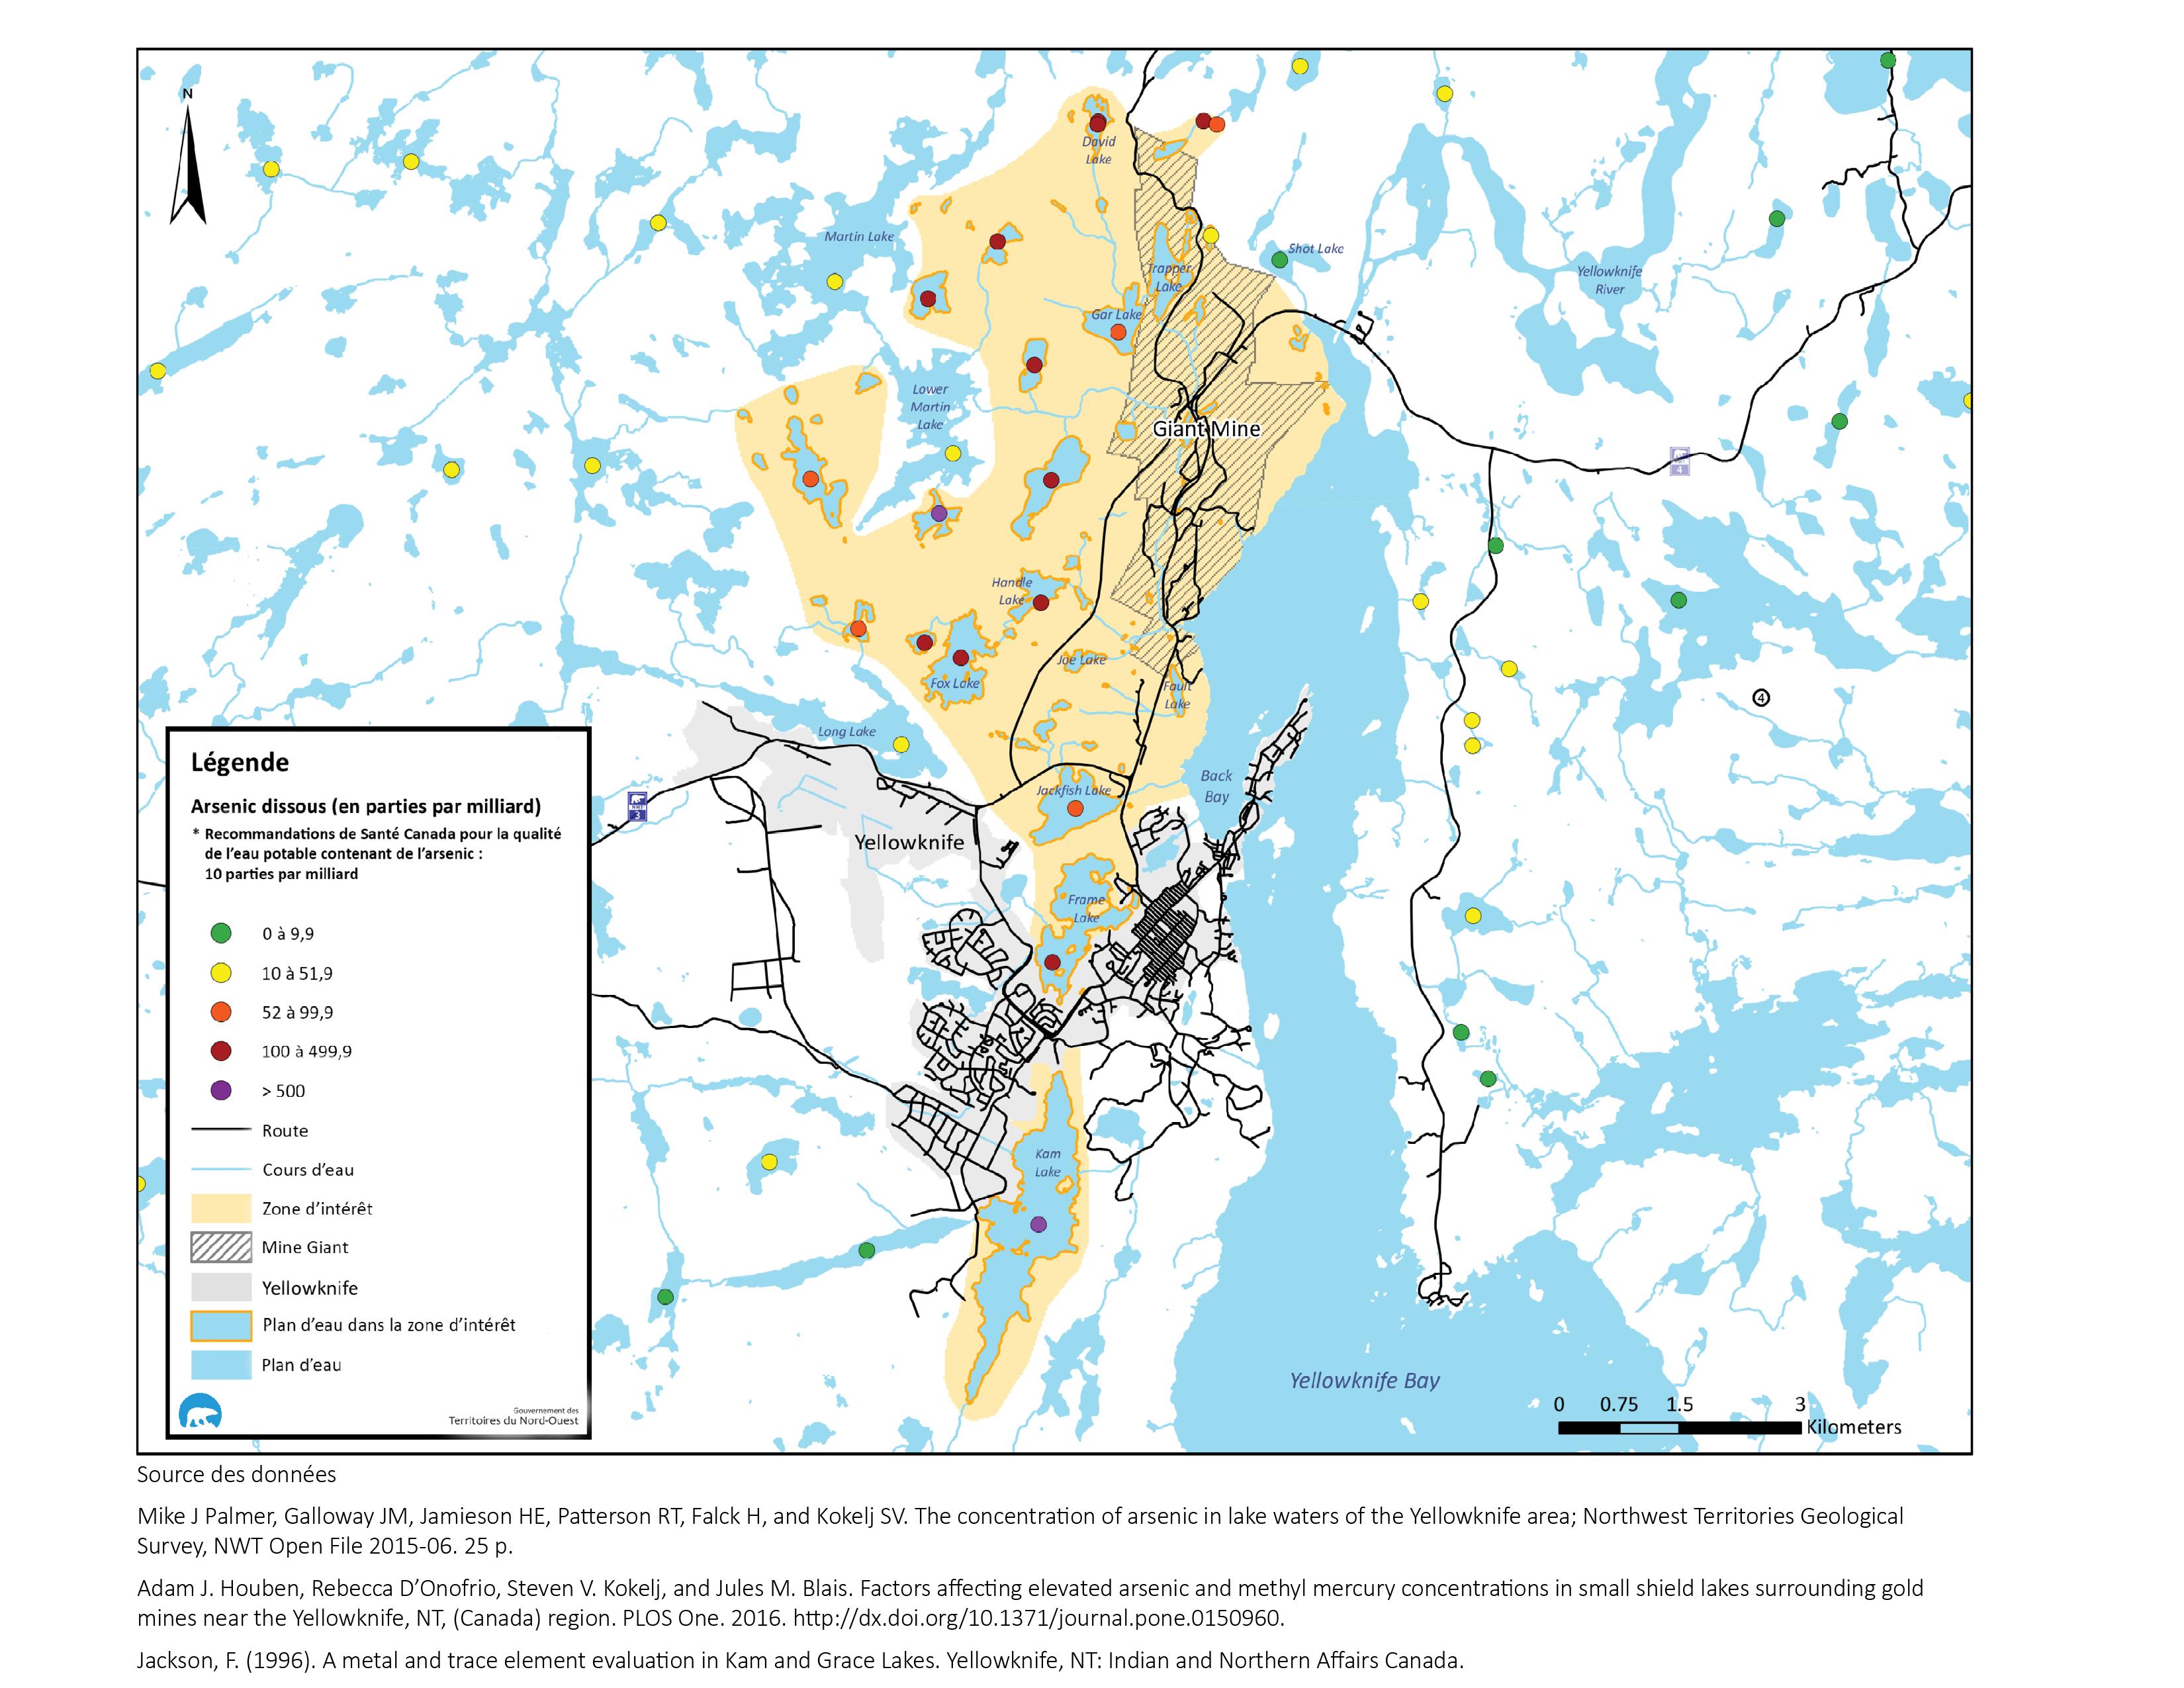 Carte des concentrations d'arsenic mesurées dans les étendues d'eau de la région de Yellowknife accompagnée de l'avis de santé publique correspondant